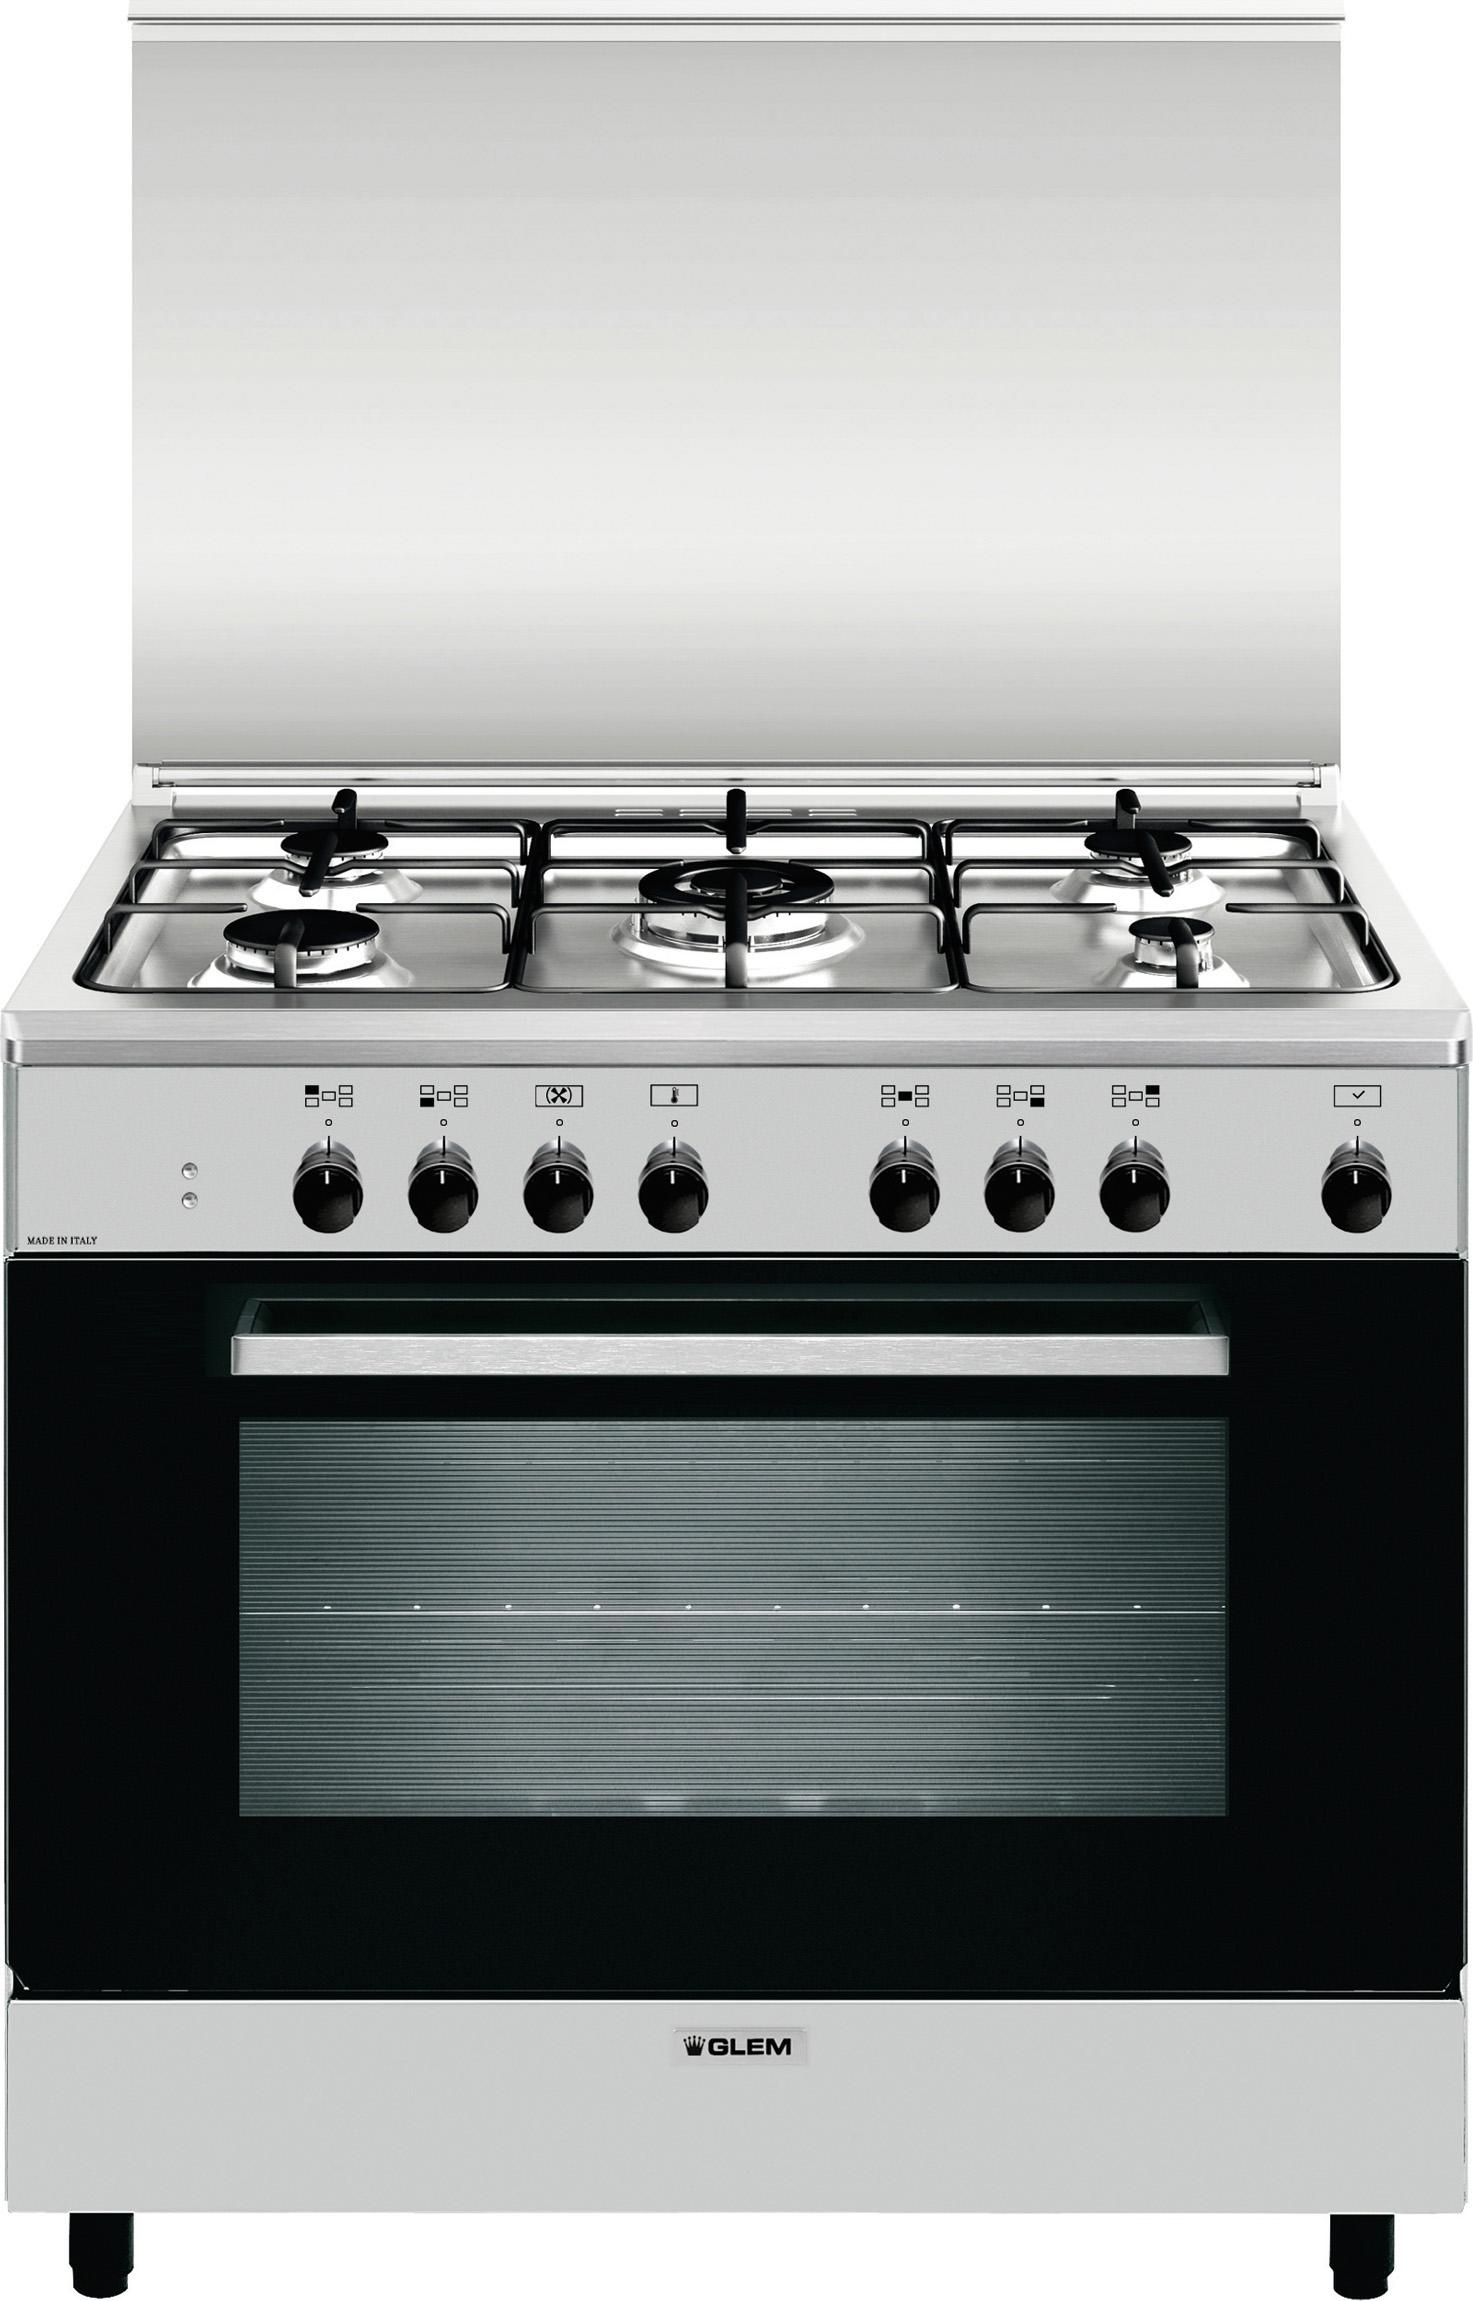 Glem gas cucina a gas 5 fuochi forno elettrico ventilato grill 90x60 cm a965mi6 ebay - Cucina con forno a gas ventilato ...